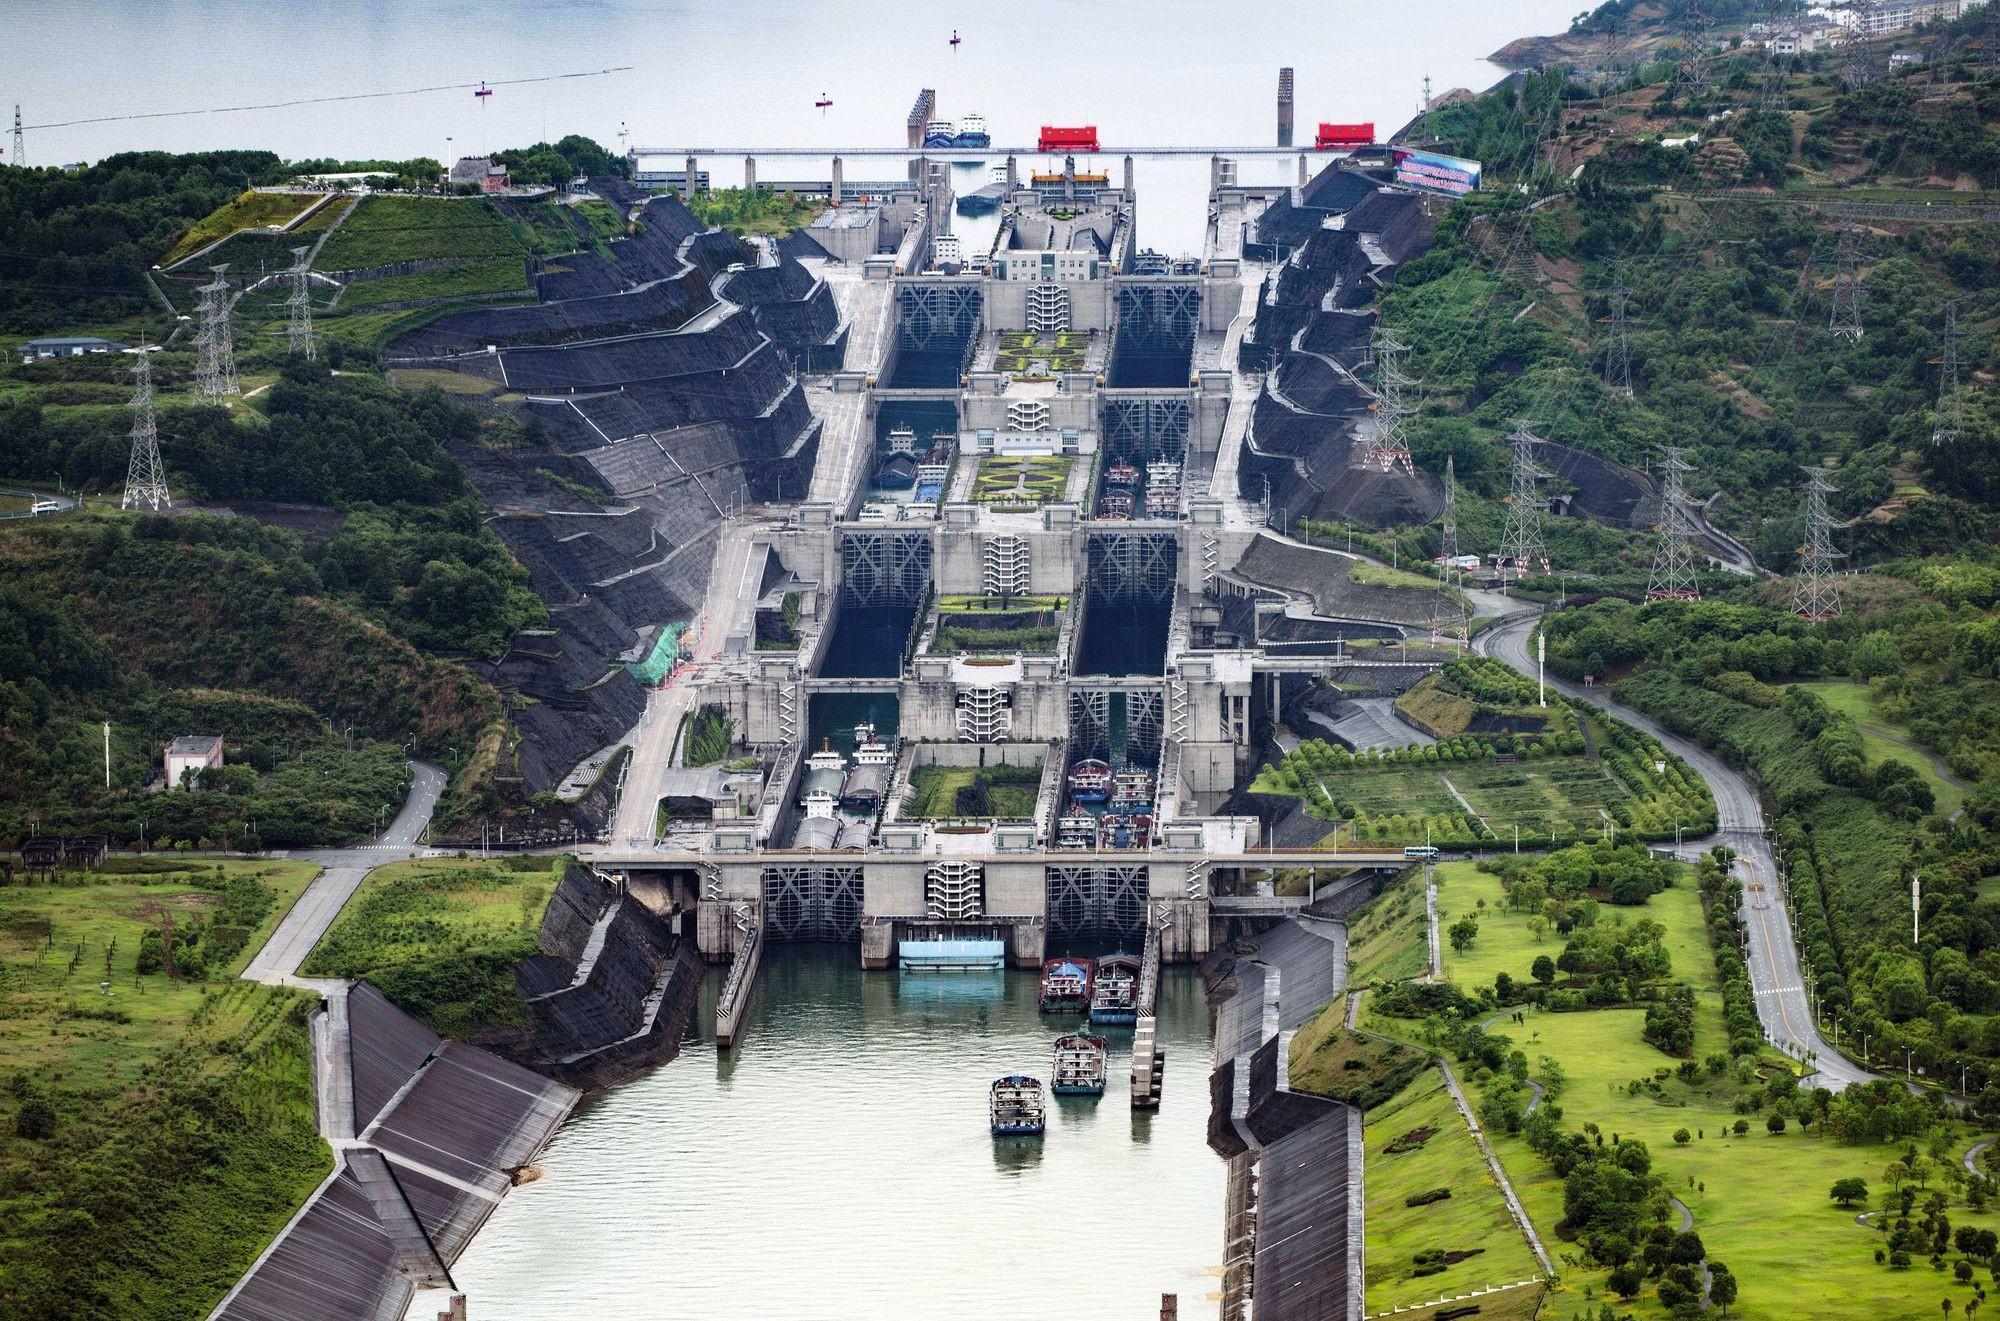 Le barrage des Trois-Gorges sur le fleuve Yangtse